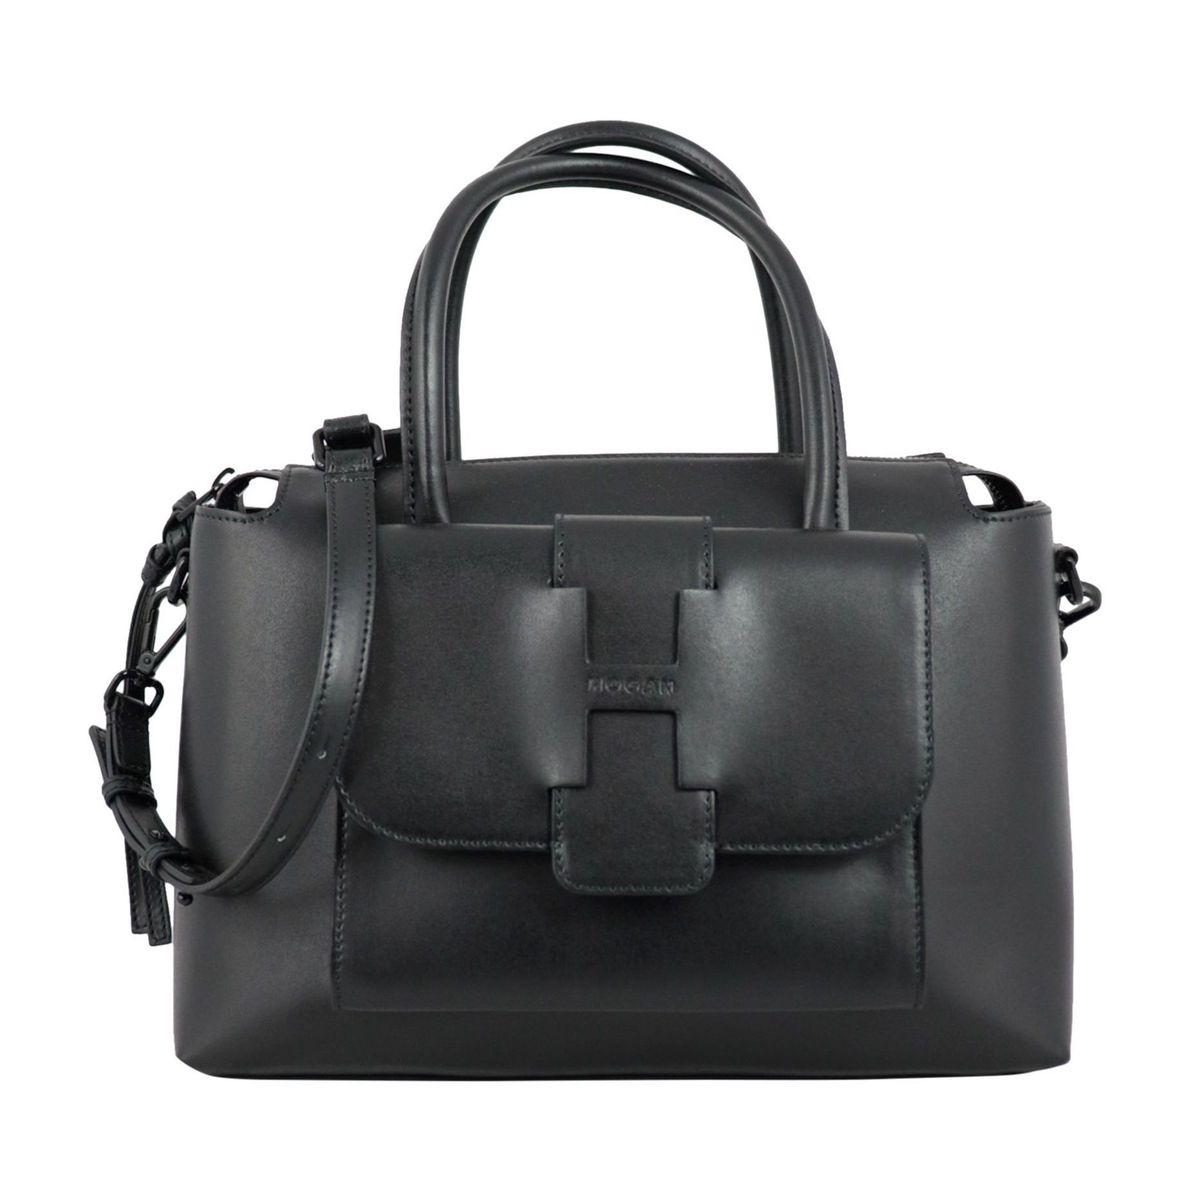 Leather trunk bag with shoulder strap Black Hogan